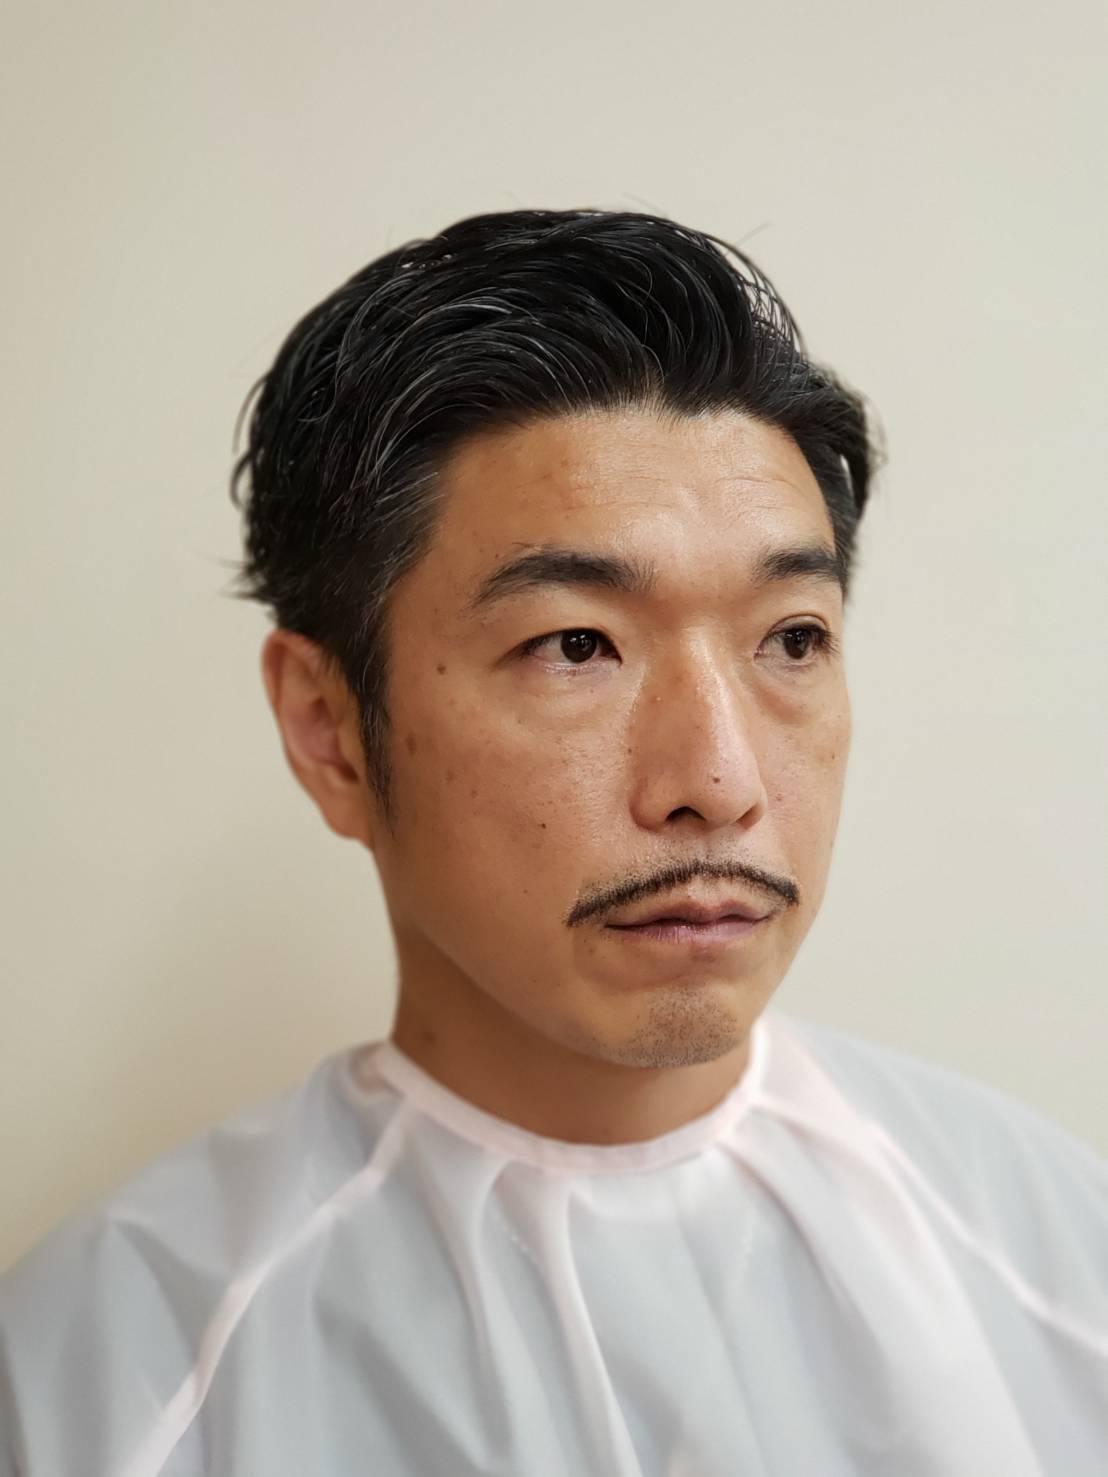 コールマン(細)ひげ